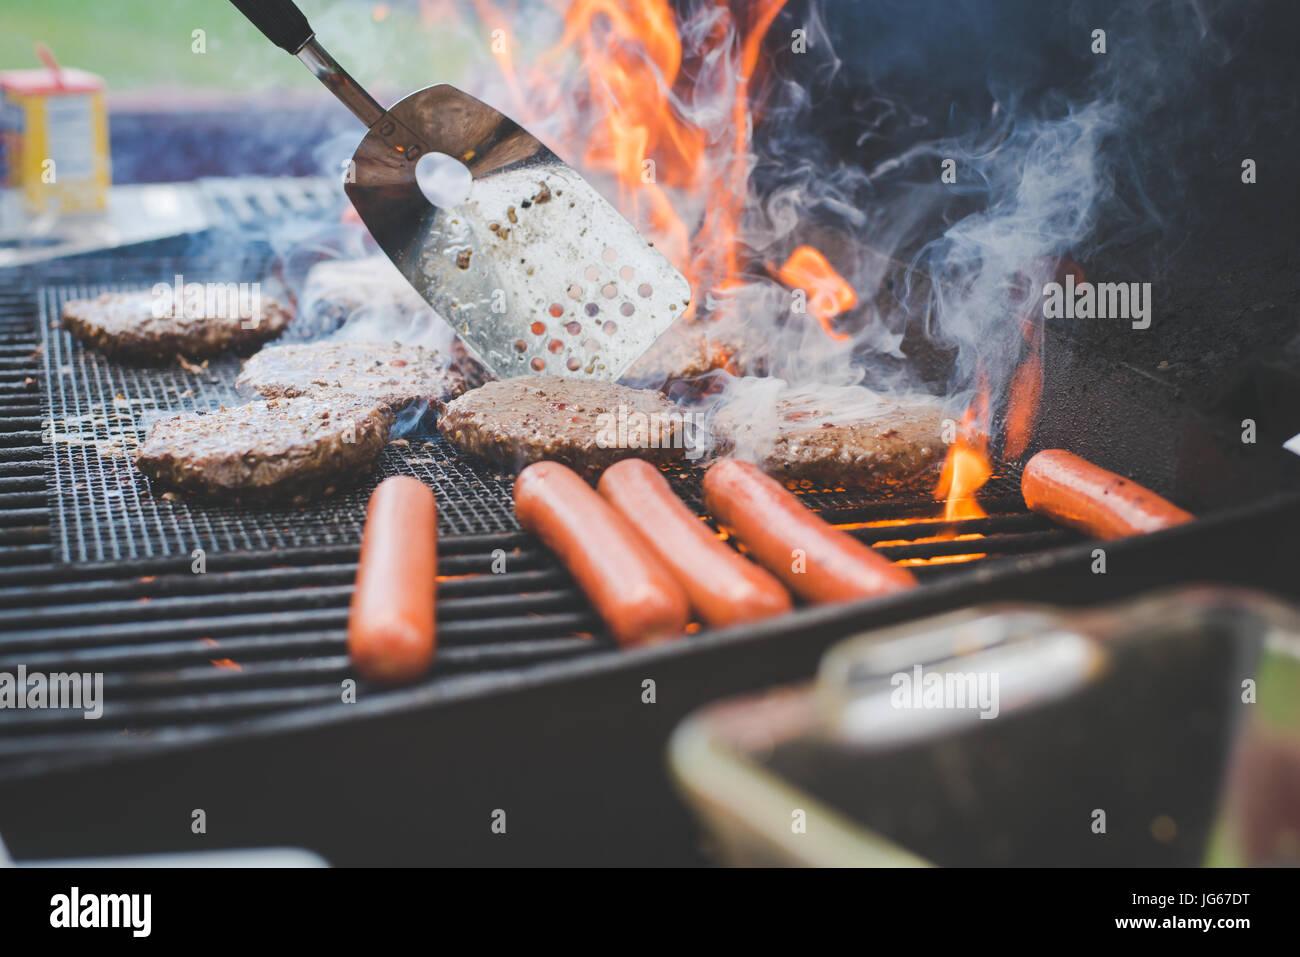 Les cuisiniers des aliments sur un barbecue en été Photo Stock